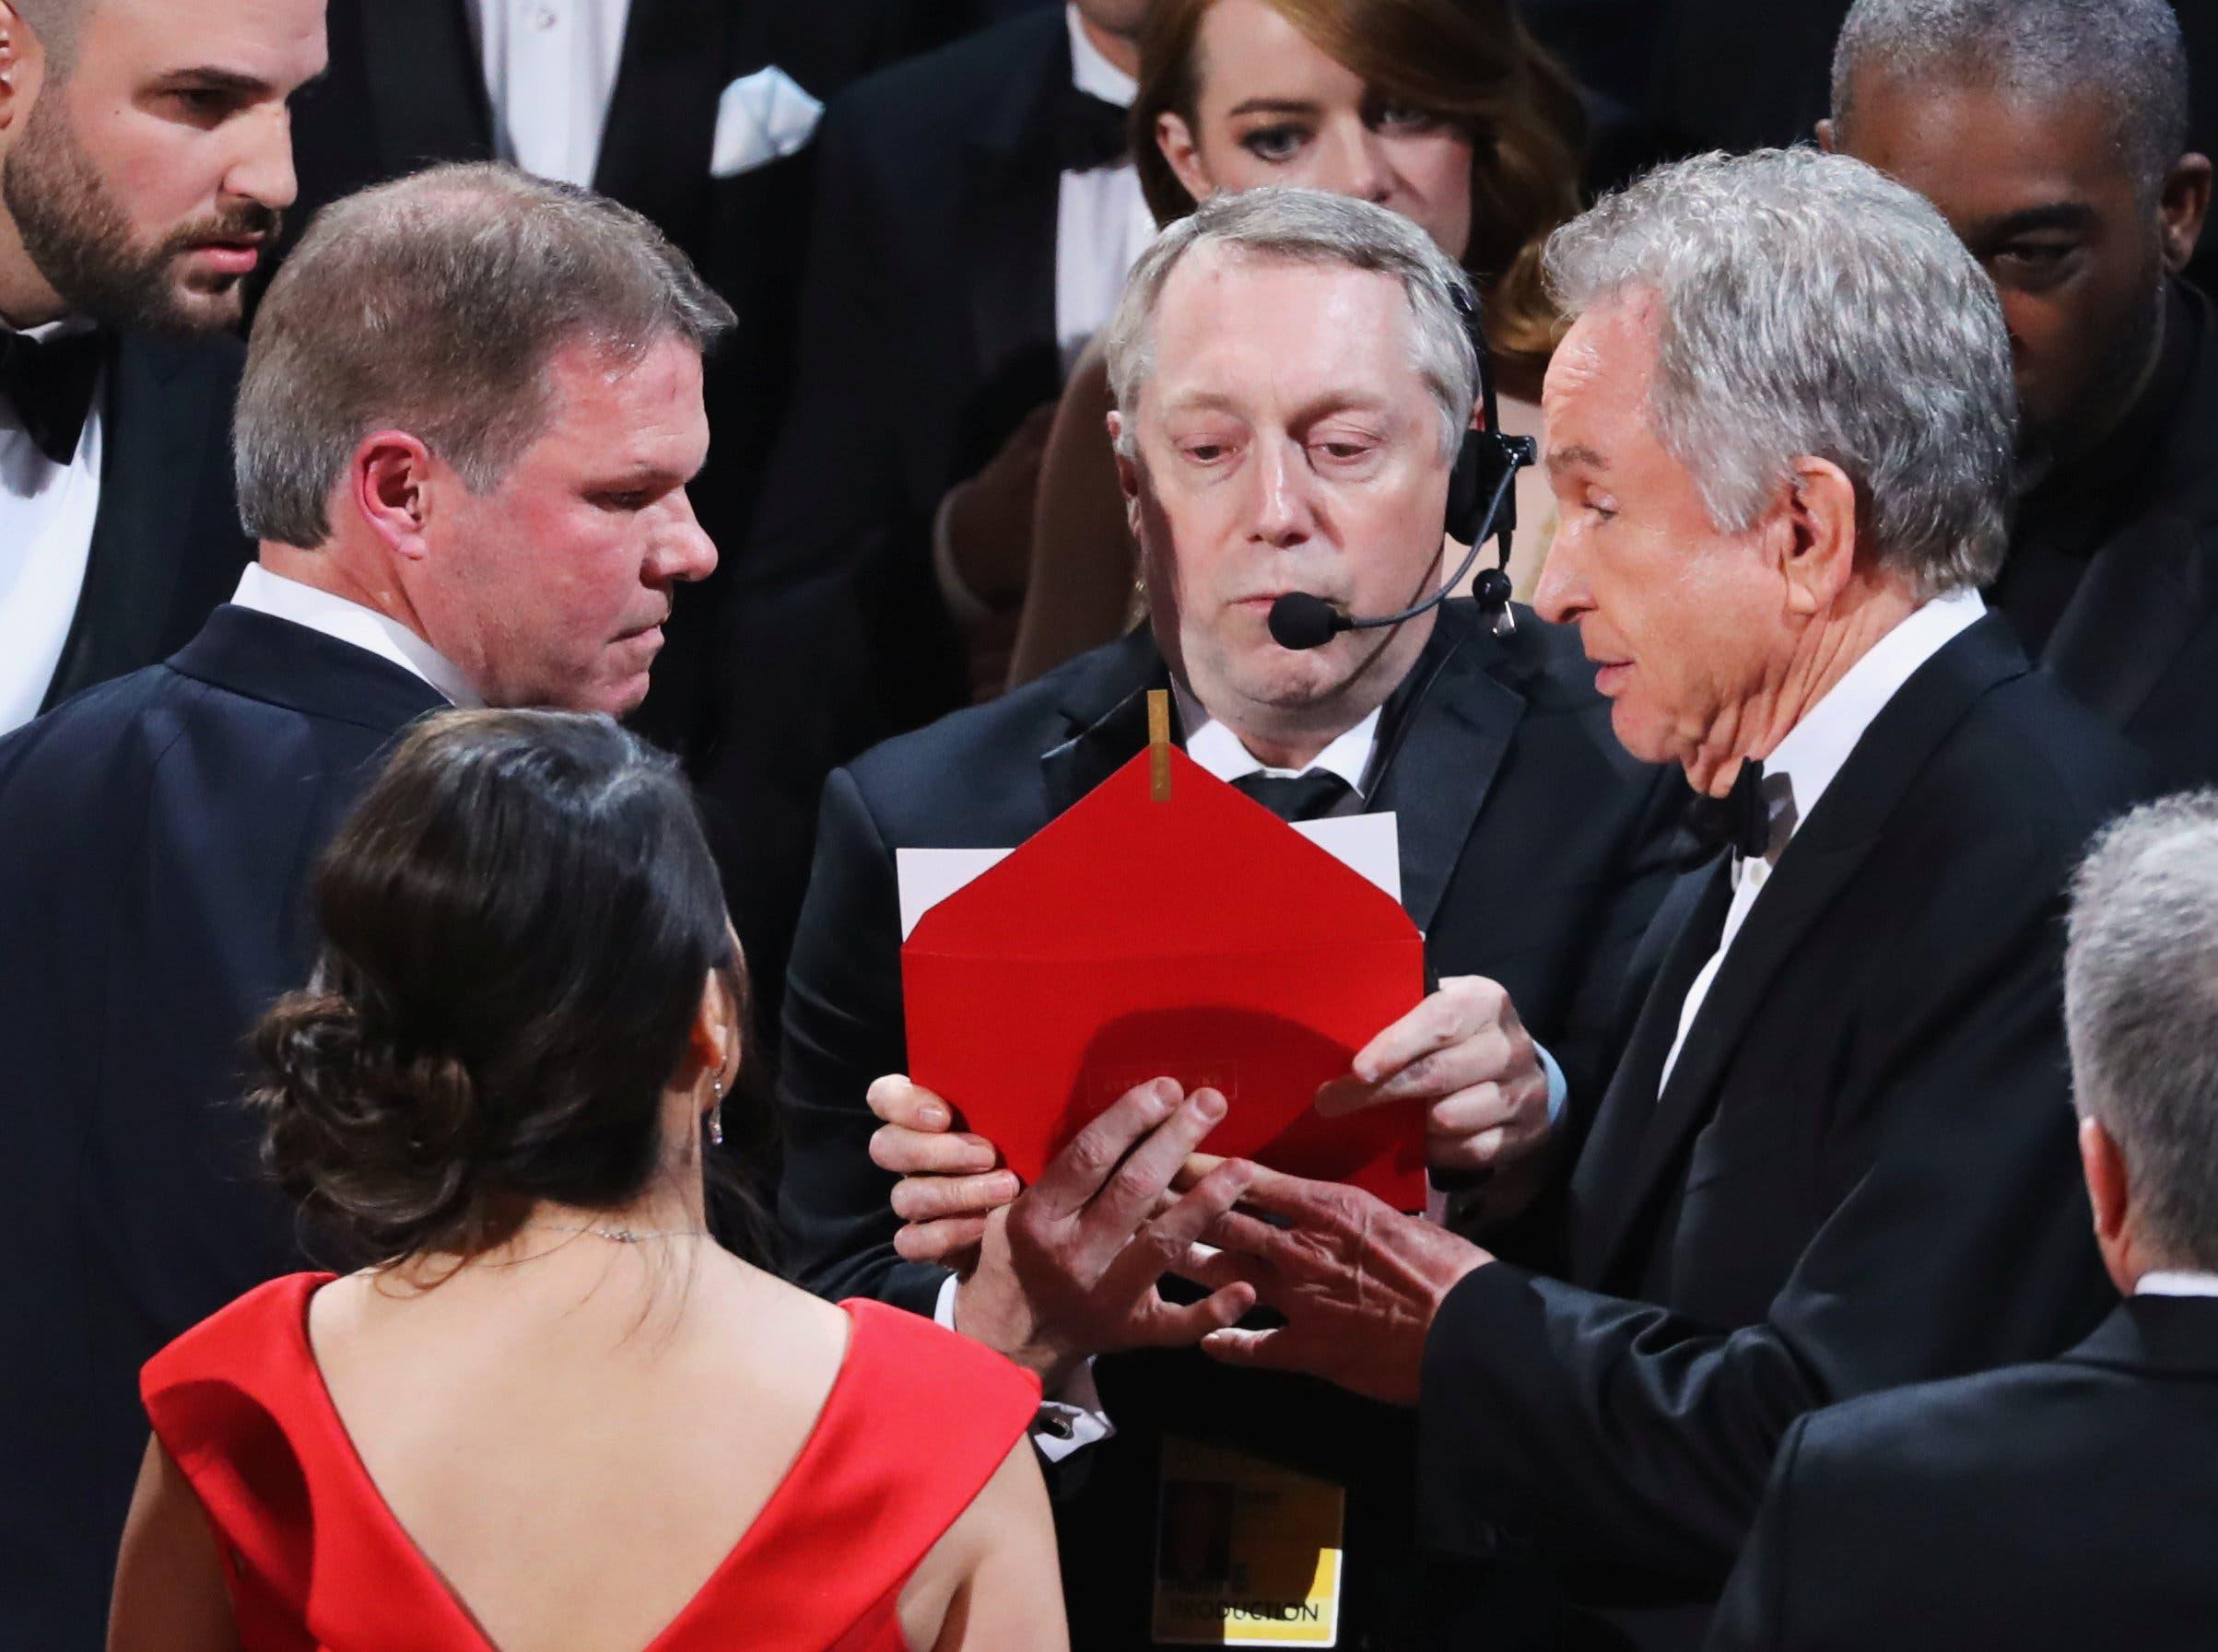 المحاسبان براين كولينان ومارثا رويز على المسرح بعد الخطأ في إعلان الفيلم الفائز بأوسكار أفضل فيلم